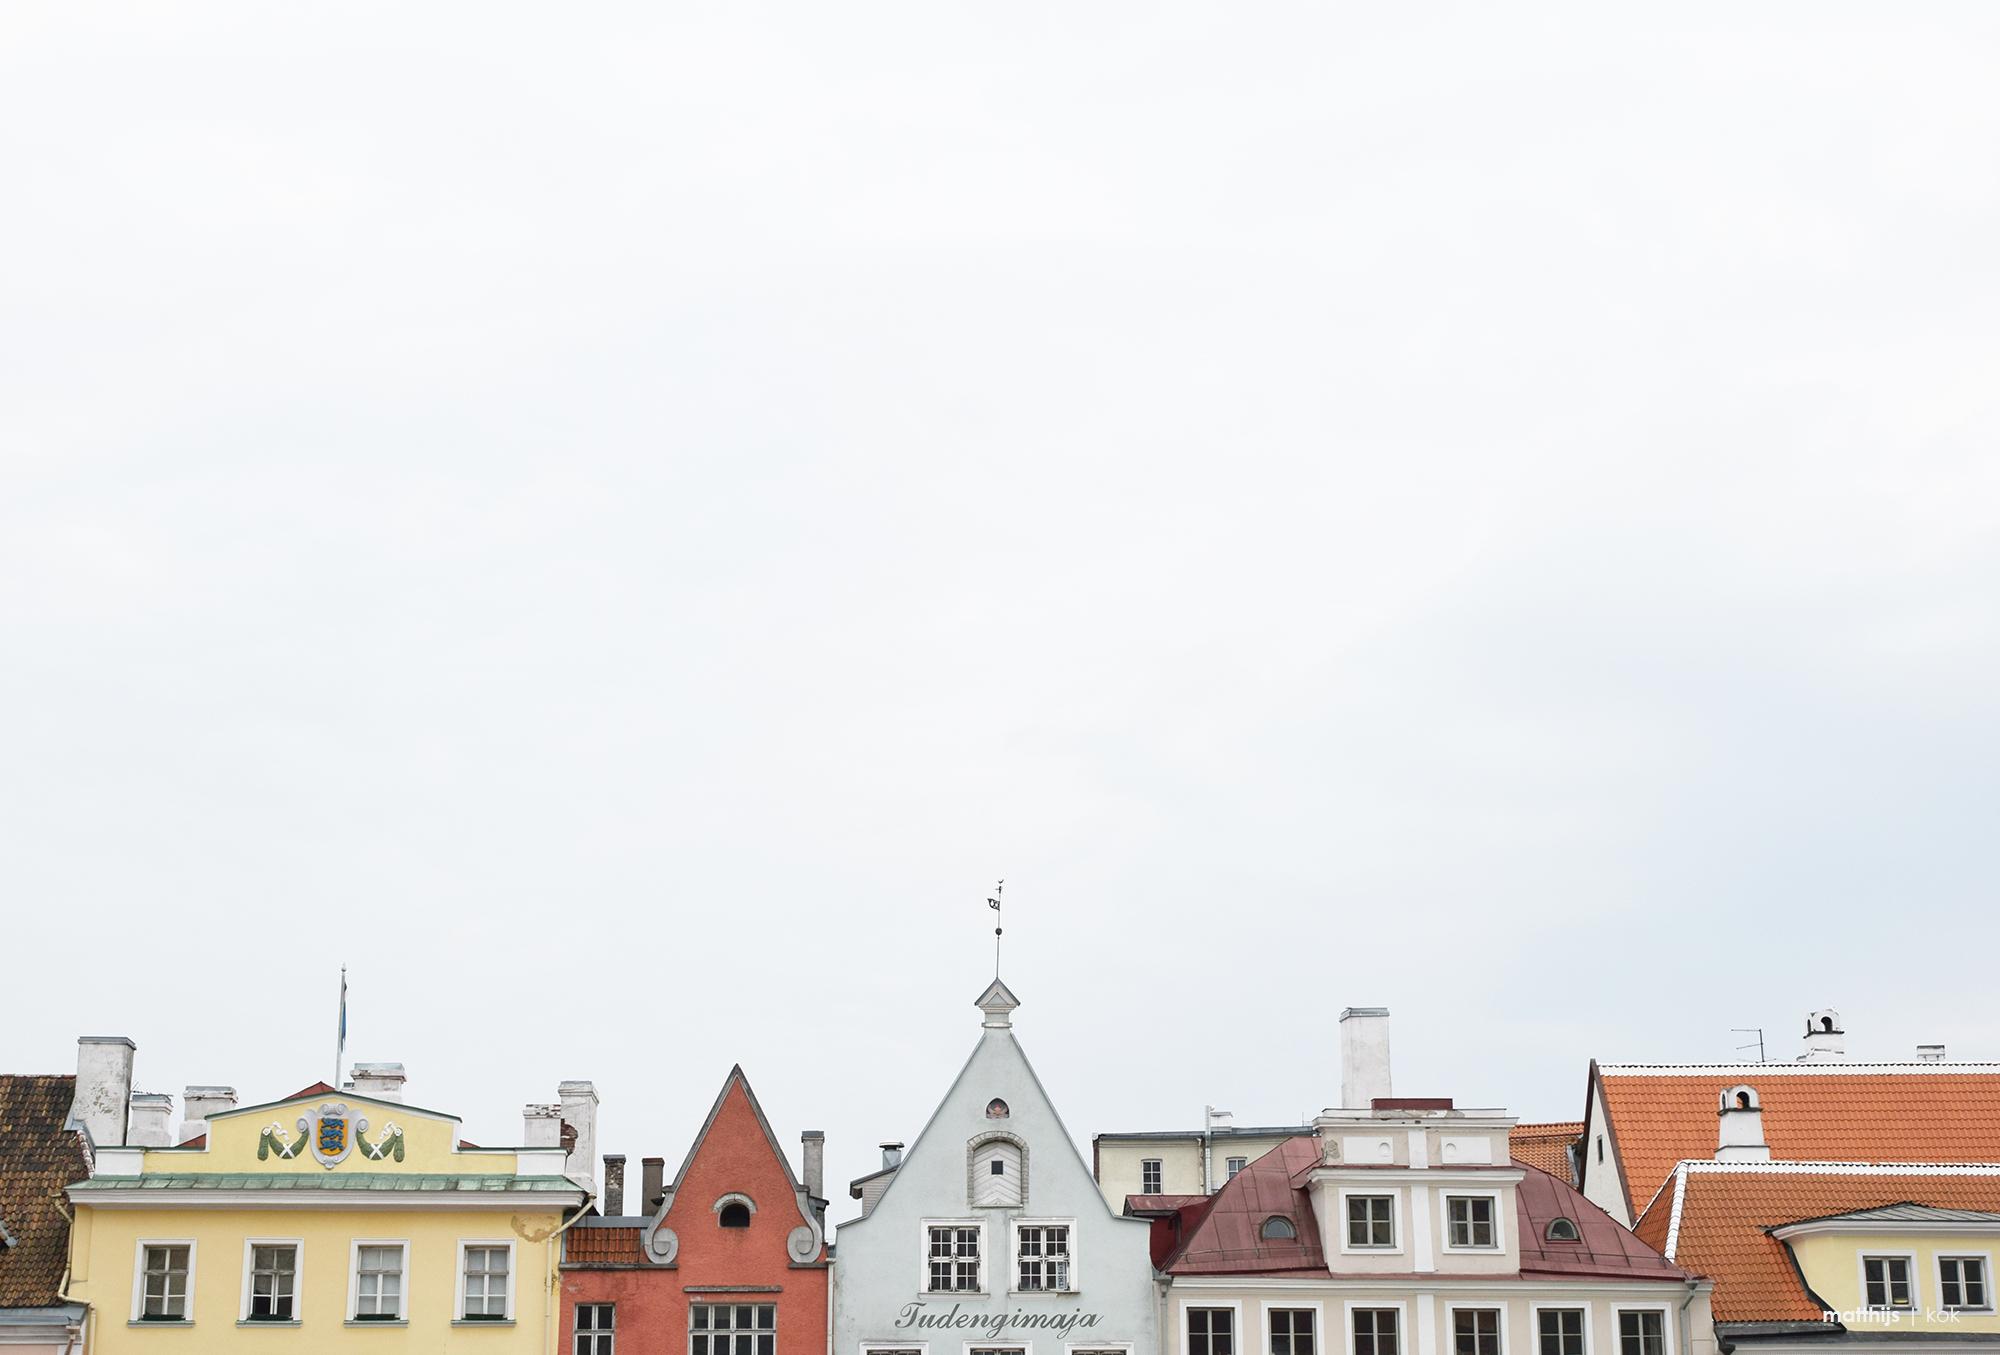 Tallinn Rooftops, Estonia   Photo by Matthijs Kok